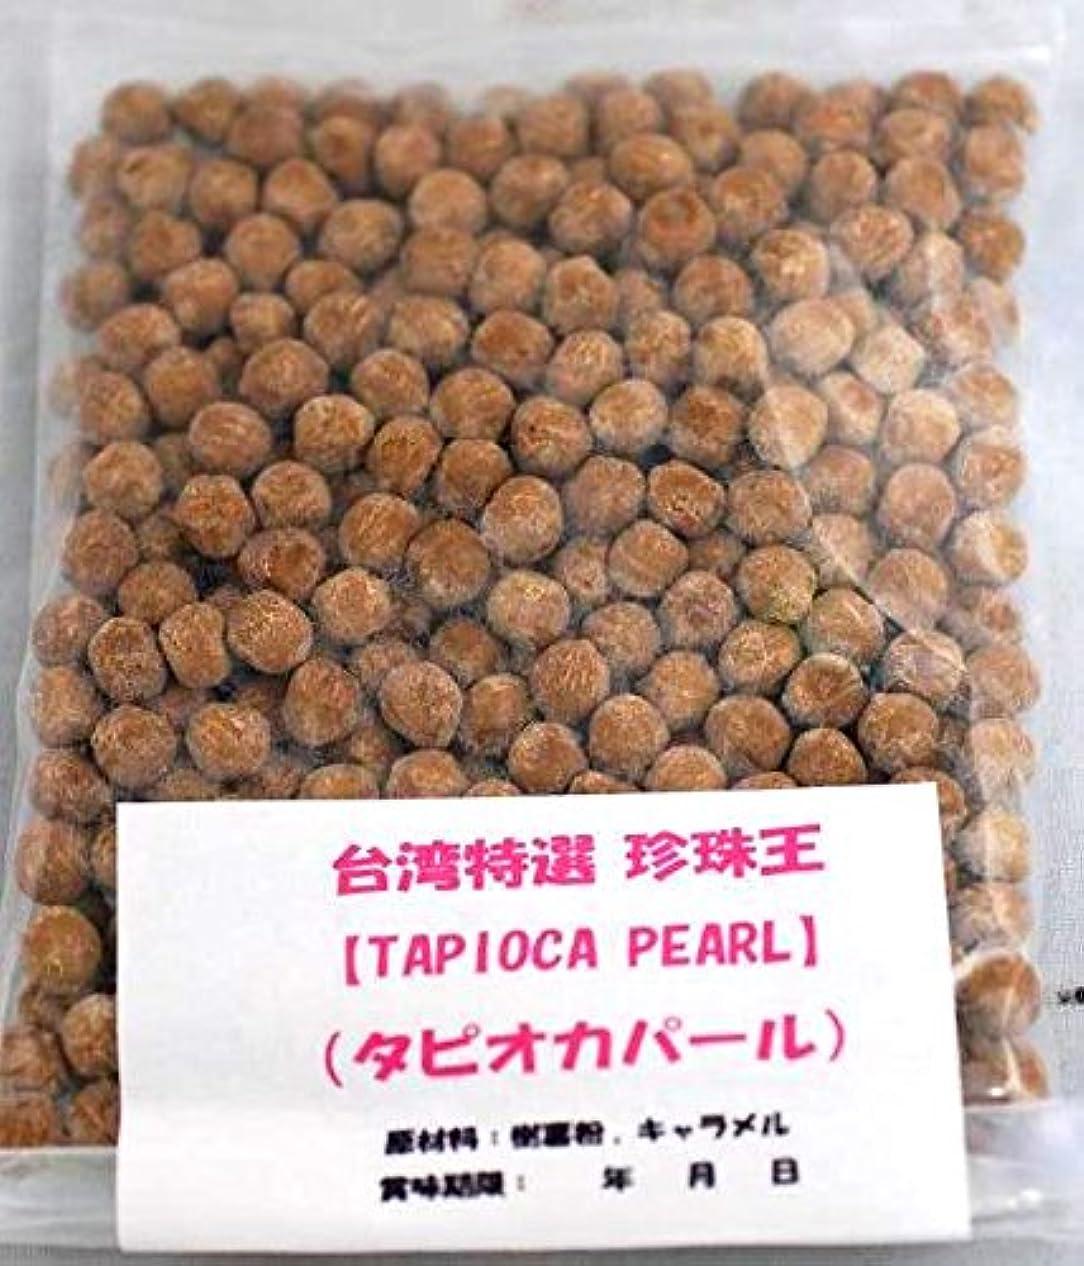 社説船員報告書はるゆたか100% / 2.5kg TOMIZ(富澤商店) 小麦粉 強力小麦粉 国産 強力粉